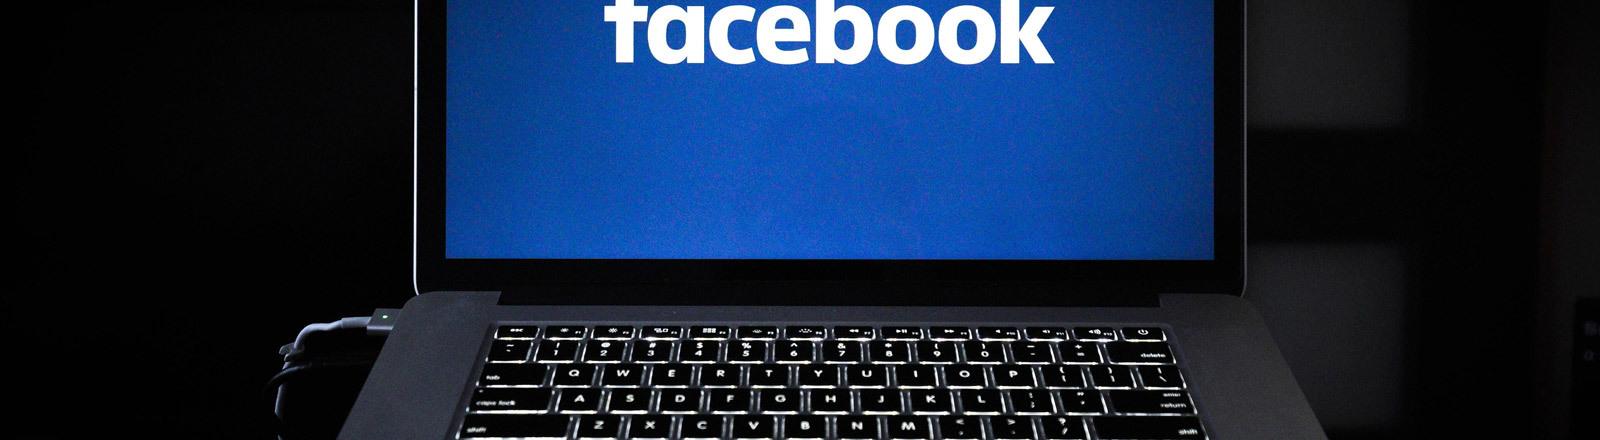 Facebook-Logo auf einem Notebook-Bildschirm